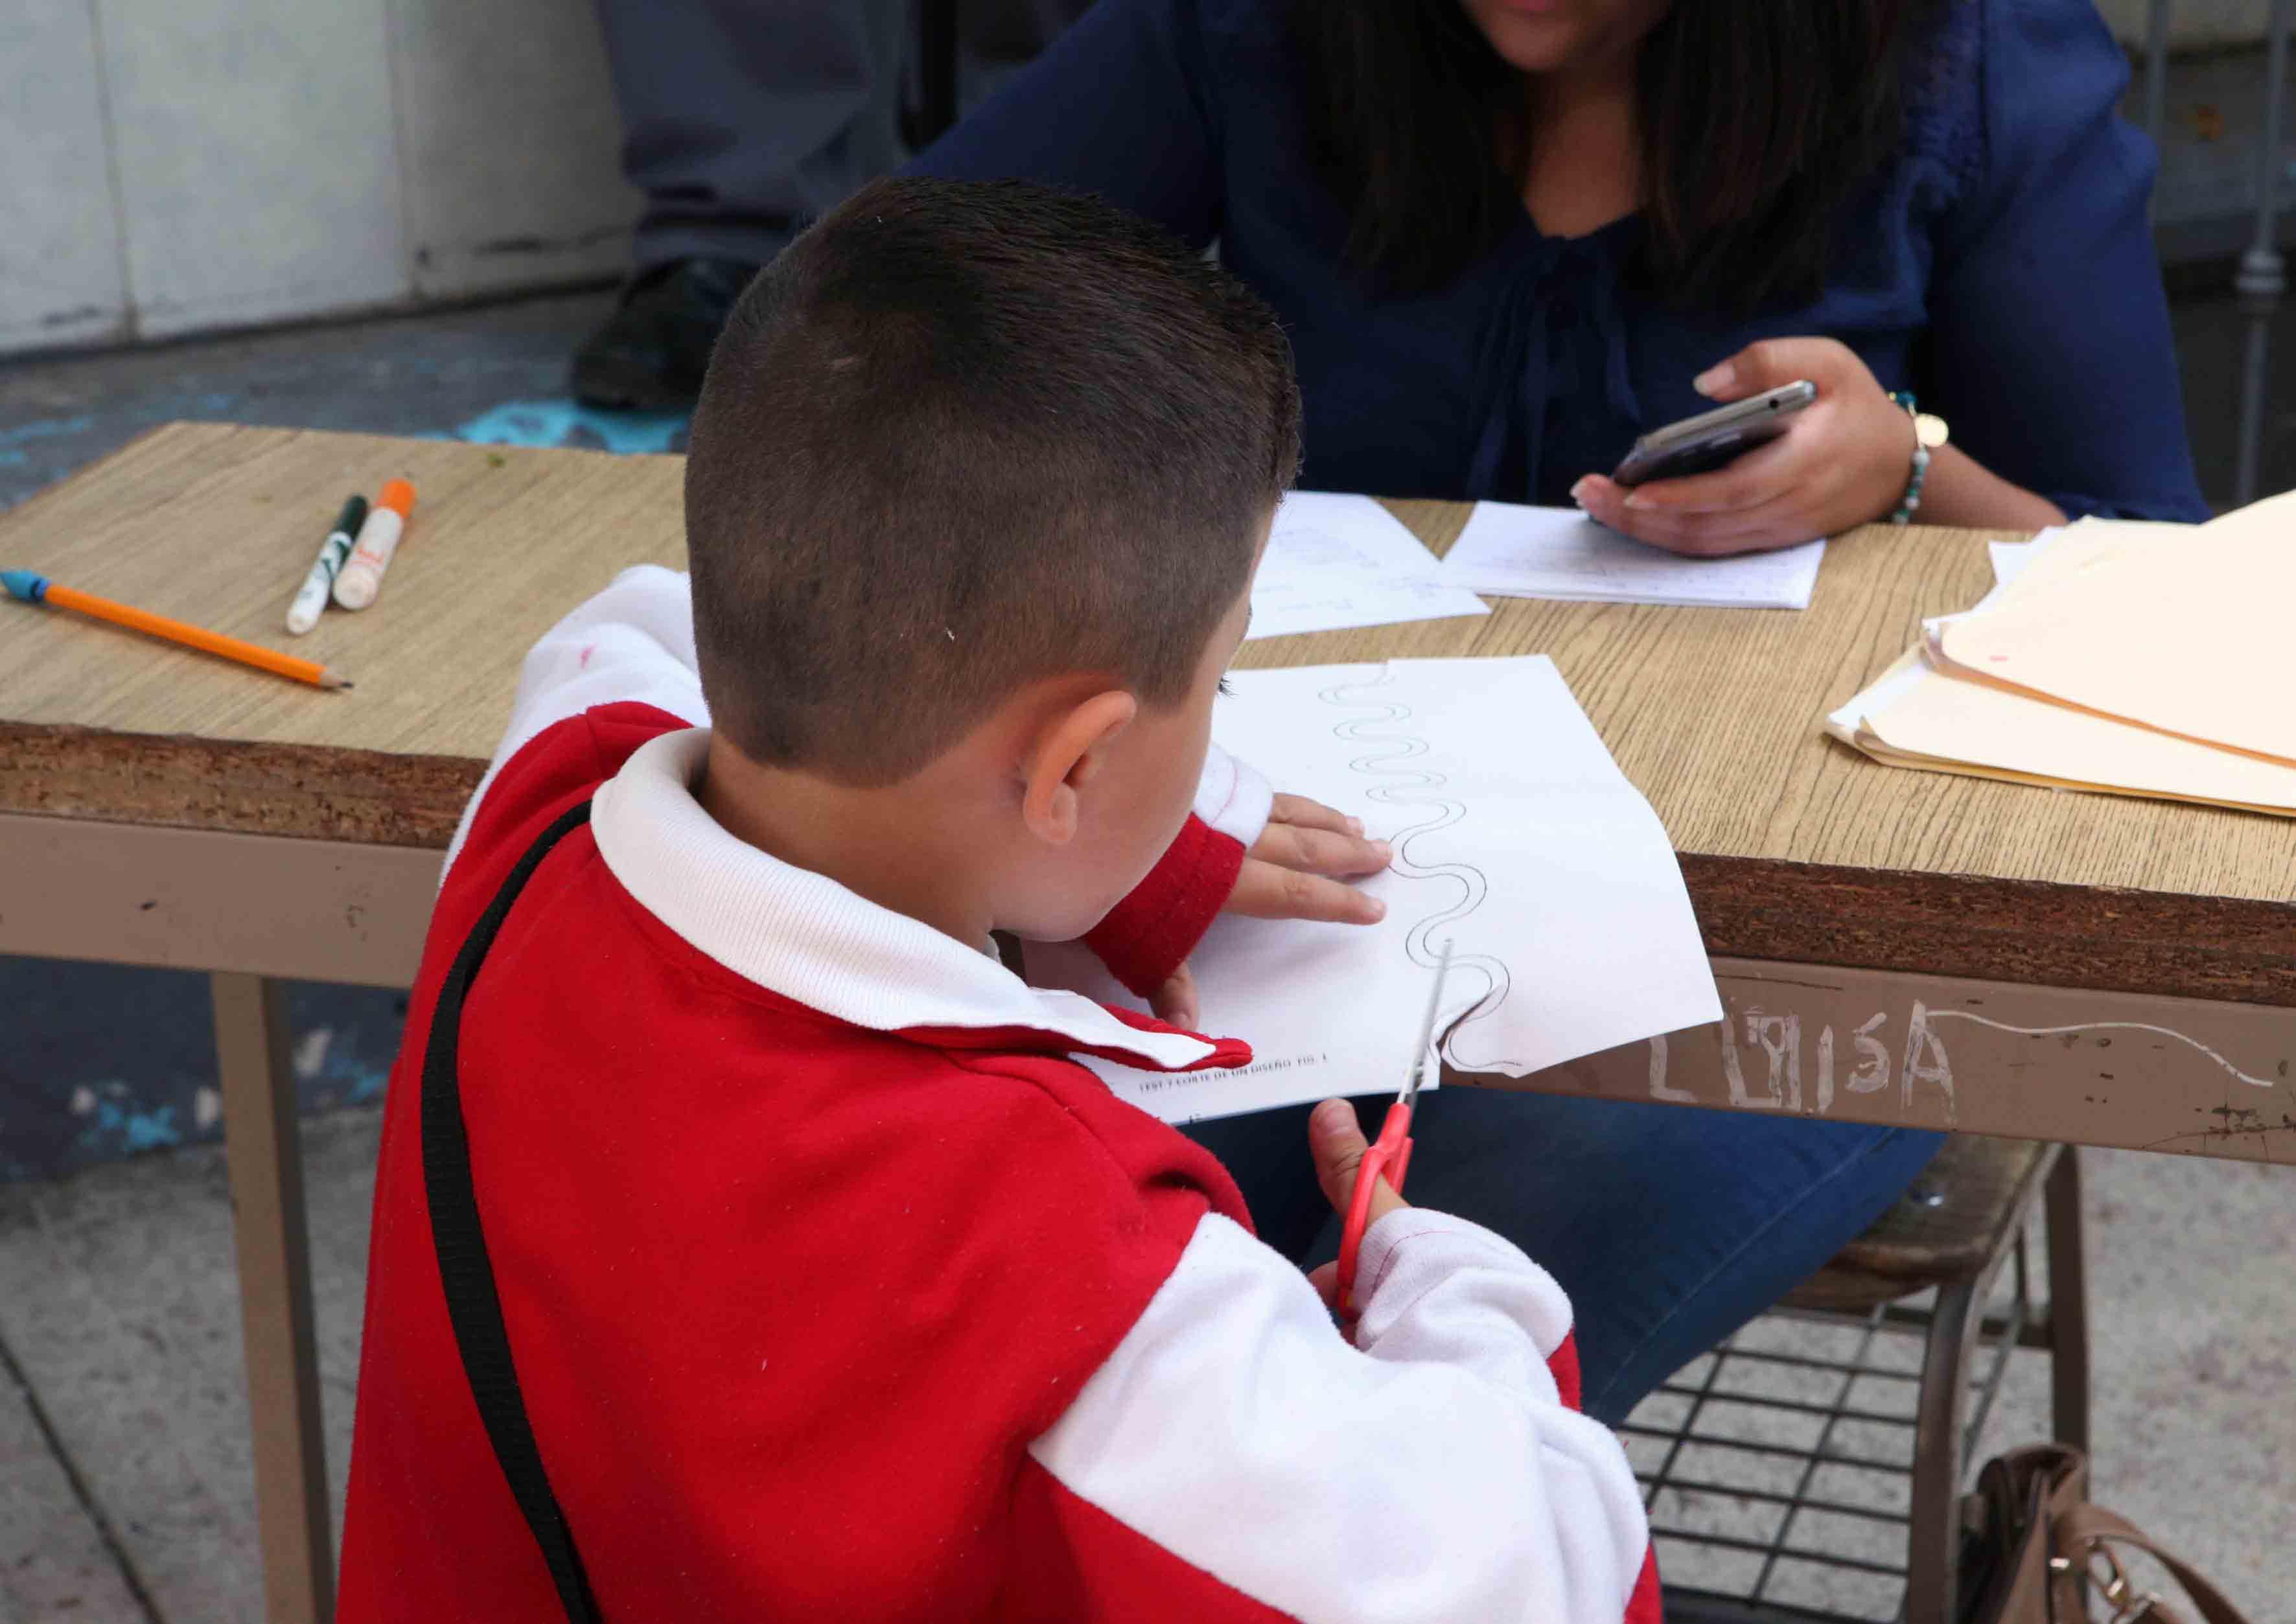 Niño realizando actividades escolares en mesa de trabajo